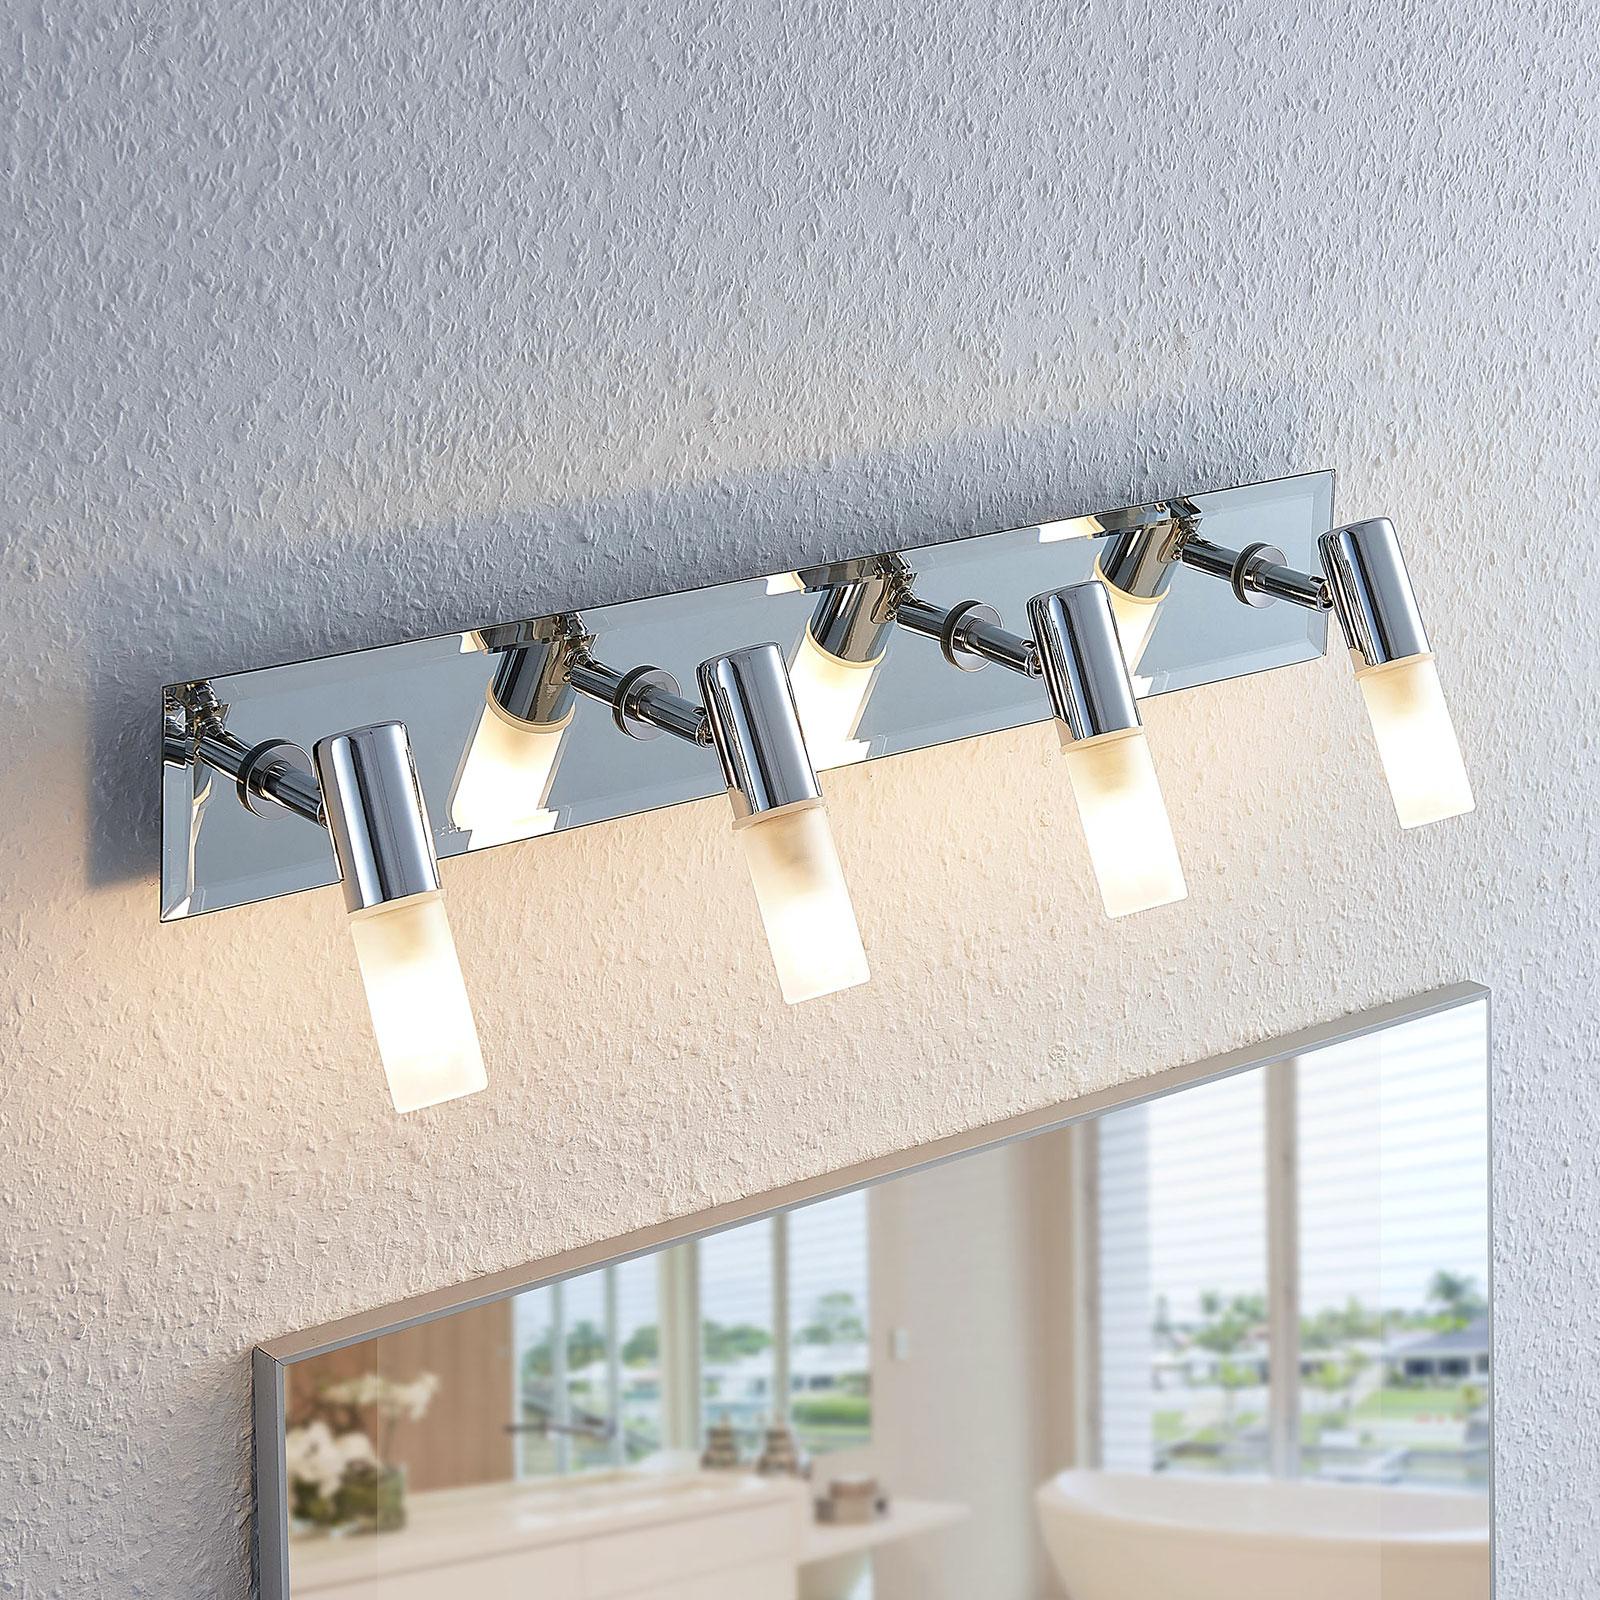 Koupelnové světlo Zela, 4bodové, délka 53 cm